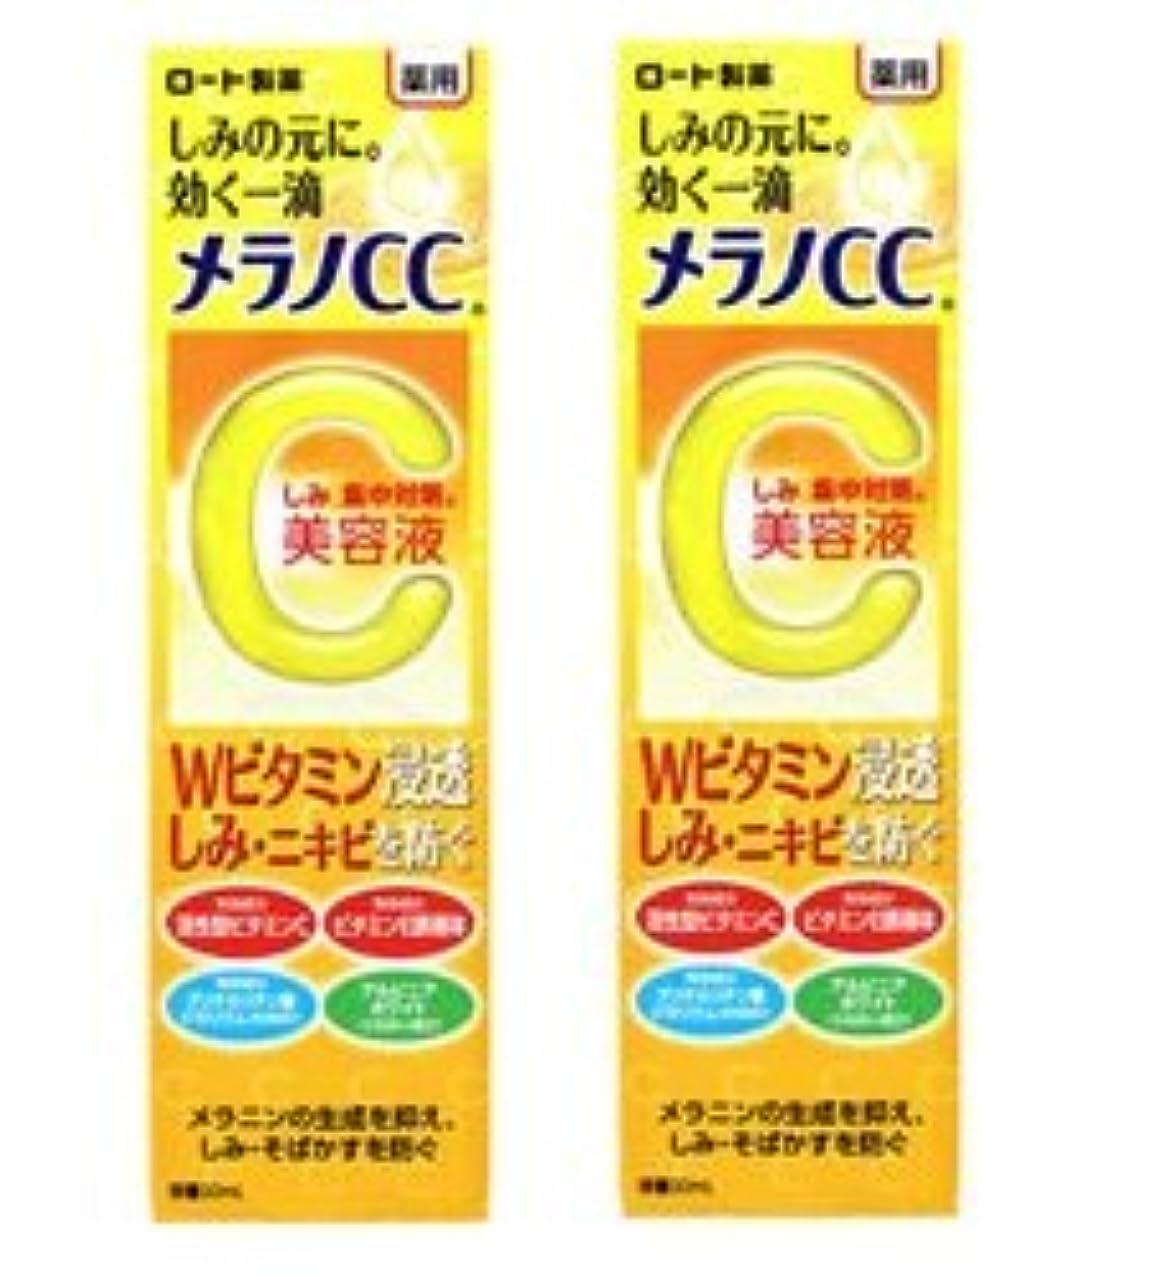 手足絶対の団結する【2個セット】メラノCC 薬用しみ集中対策美容液 20ml